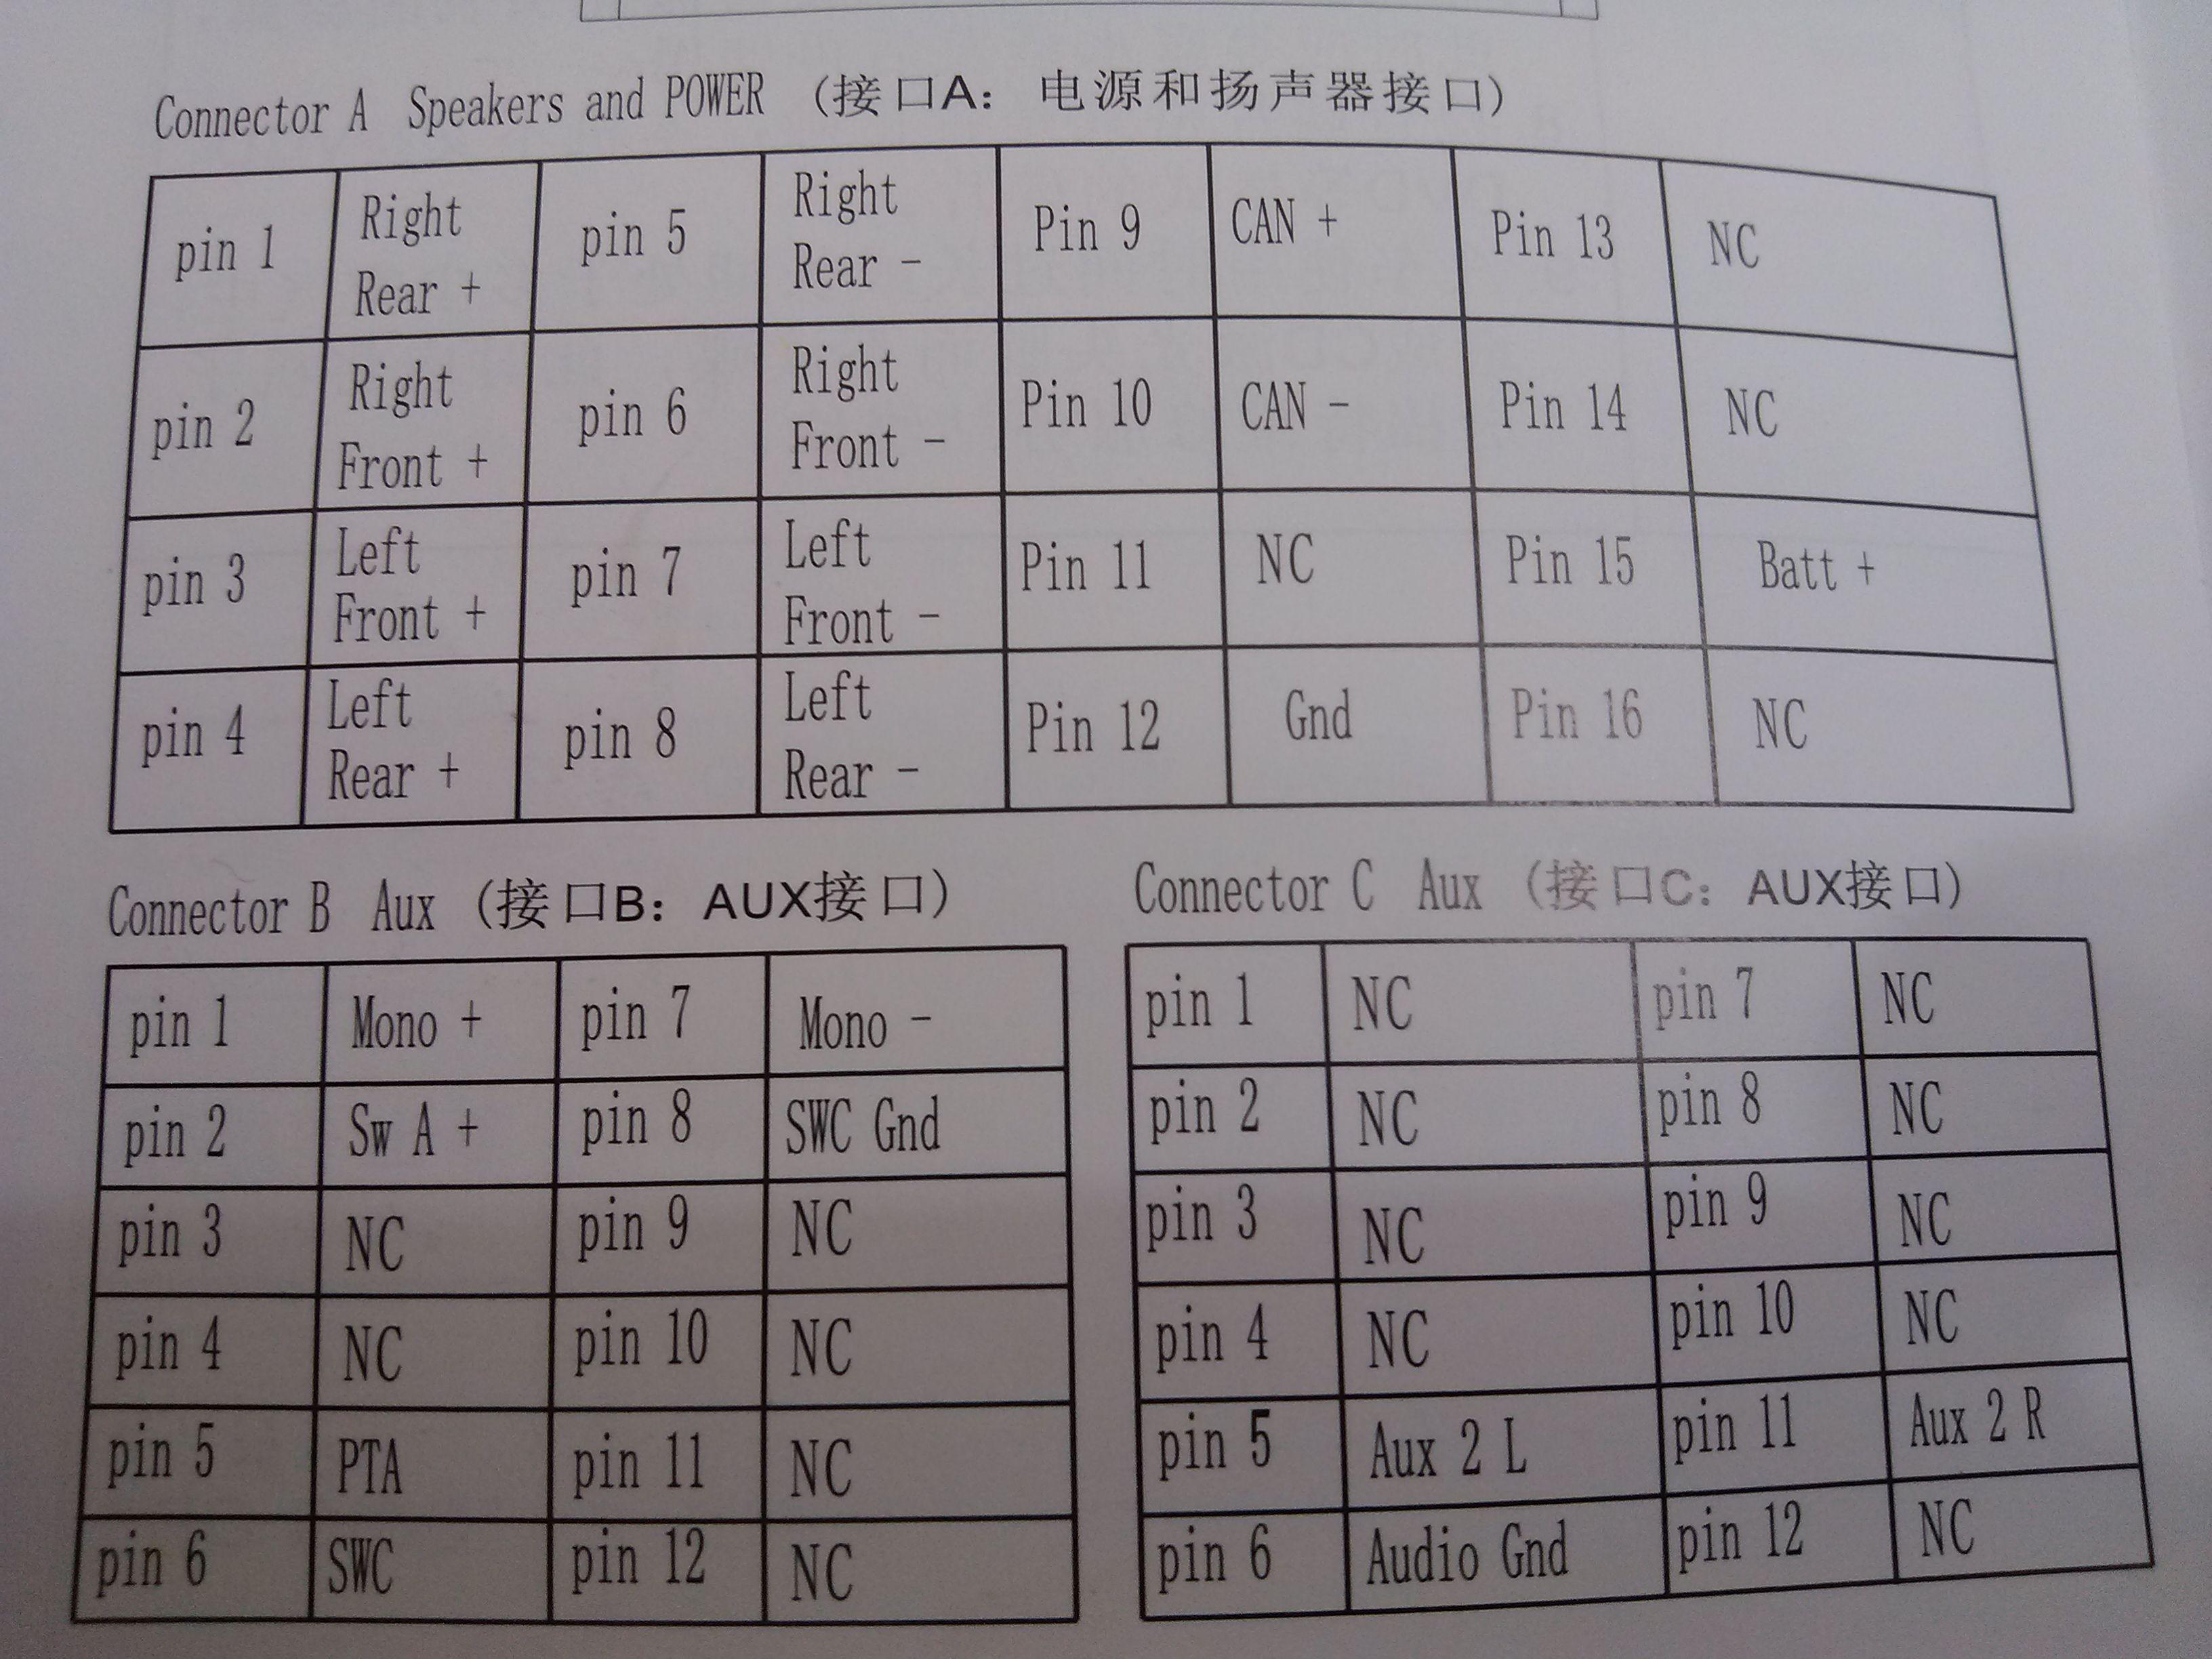 谁帮我把福特蒙迪欧的音响接线图英文解释一下 15 上面图片是11款